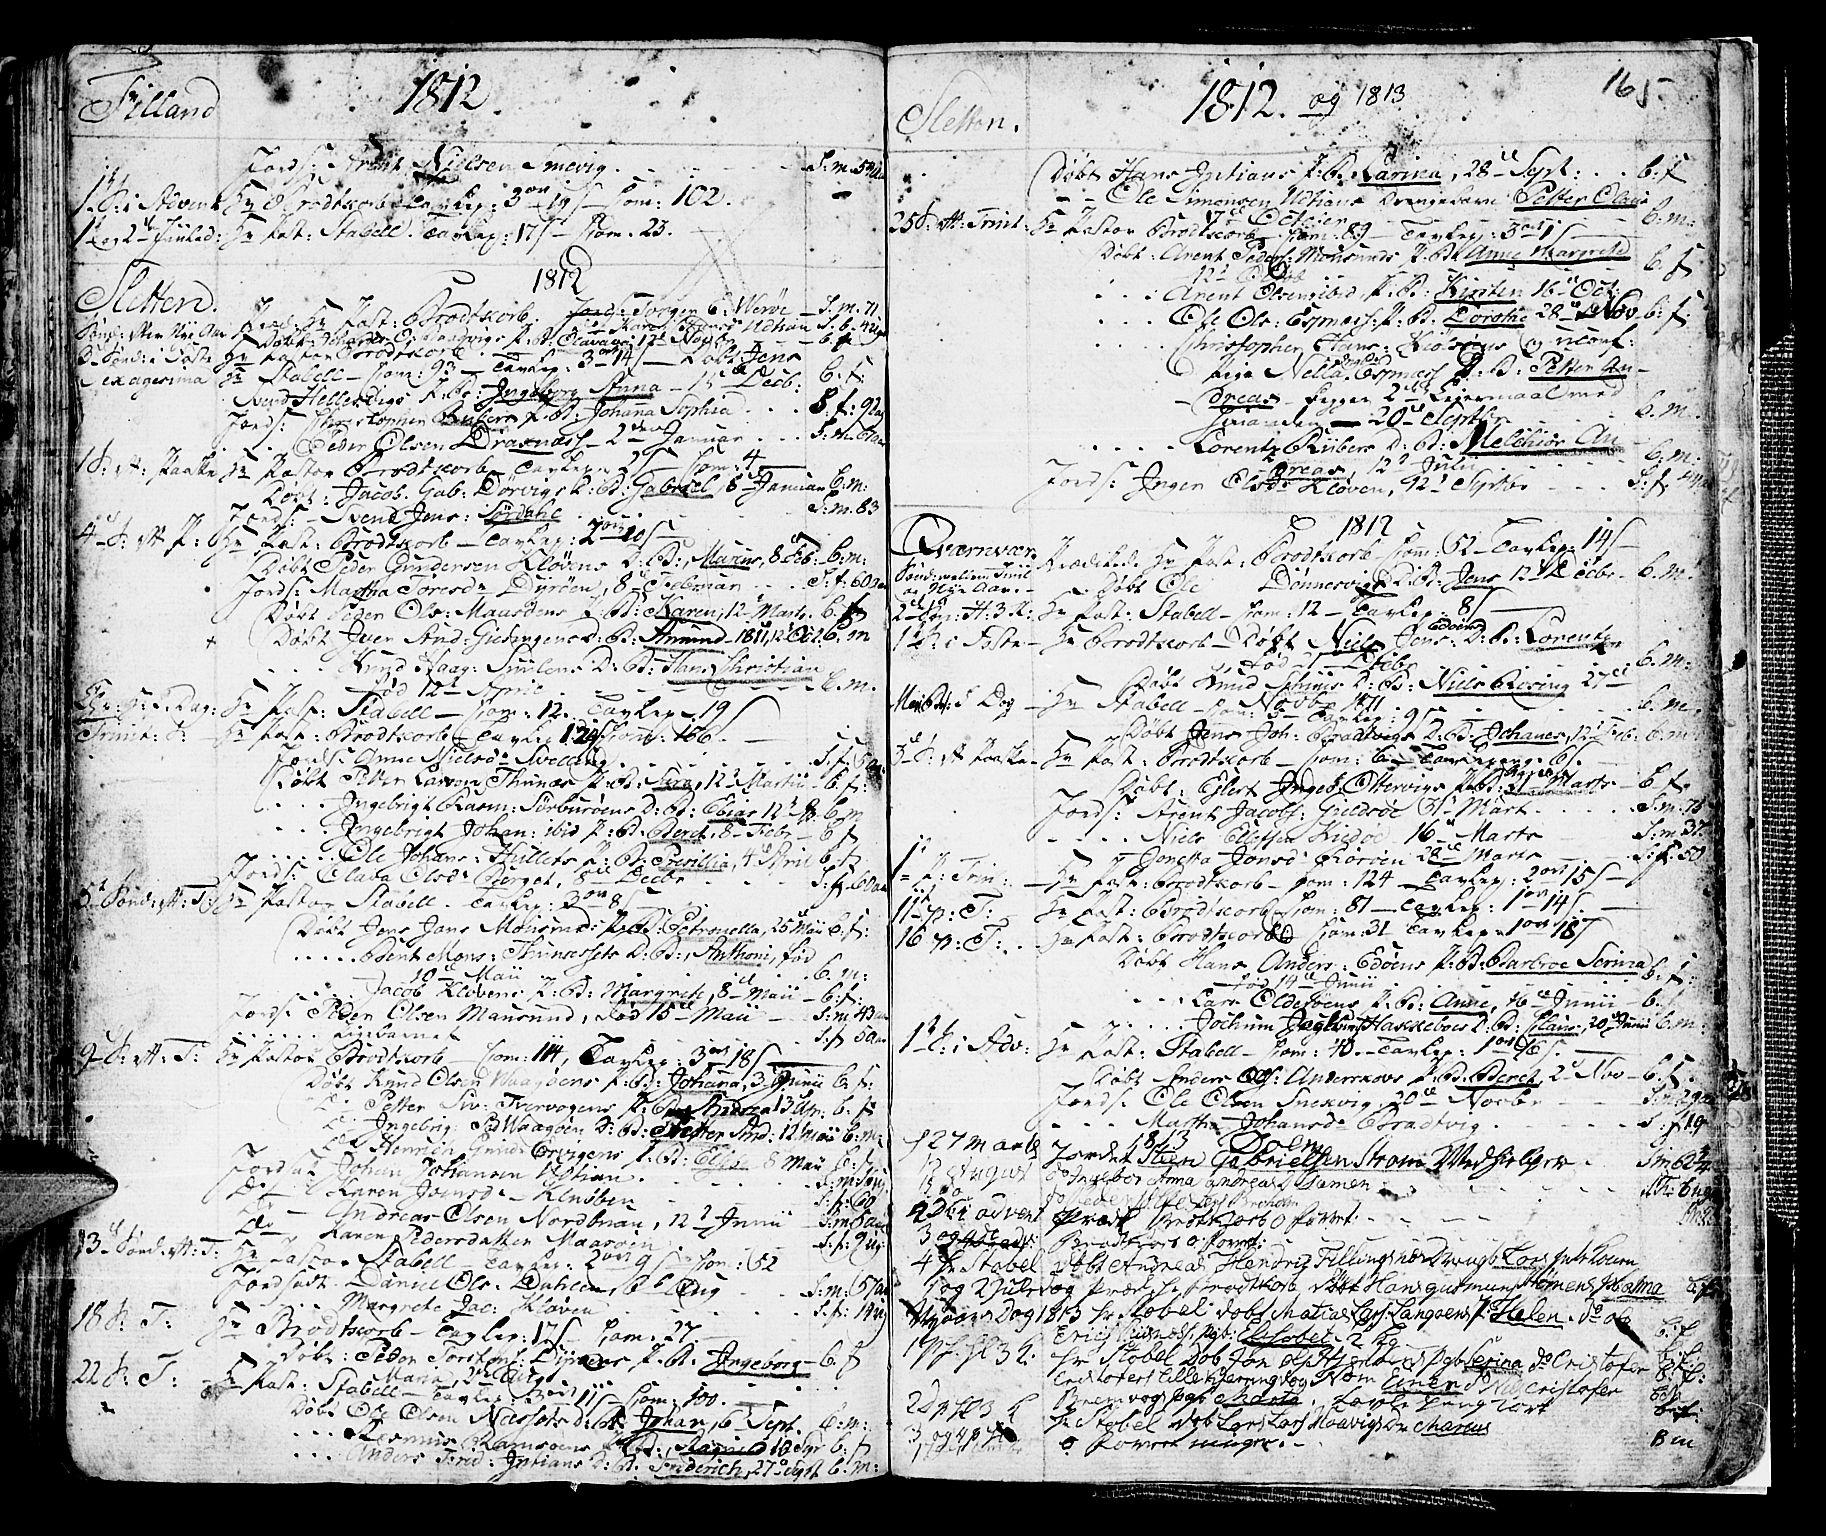 SAT, Ministerialprotokoller, klokkerbøker og fødselsregistre - Sør-Trøndelag, 634/L0526: Ministerialbok nr. 634A02, 1775-1818, s. 165